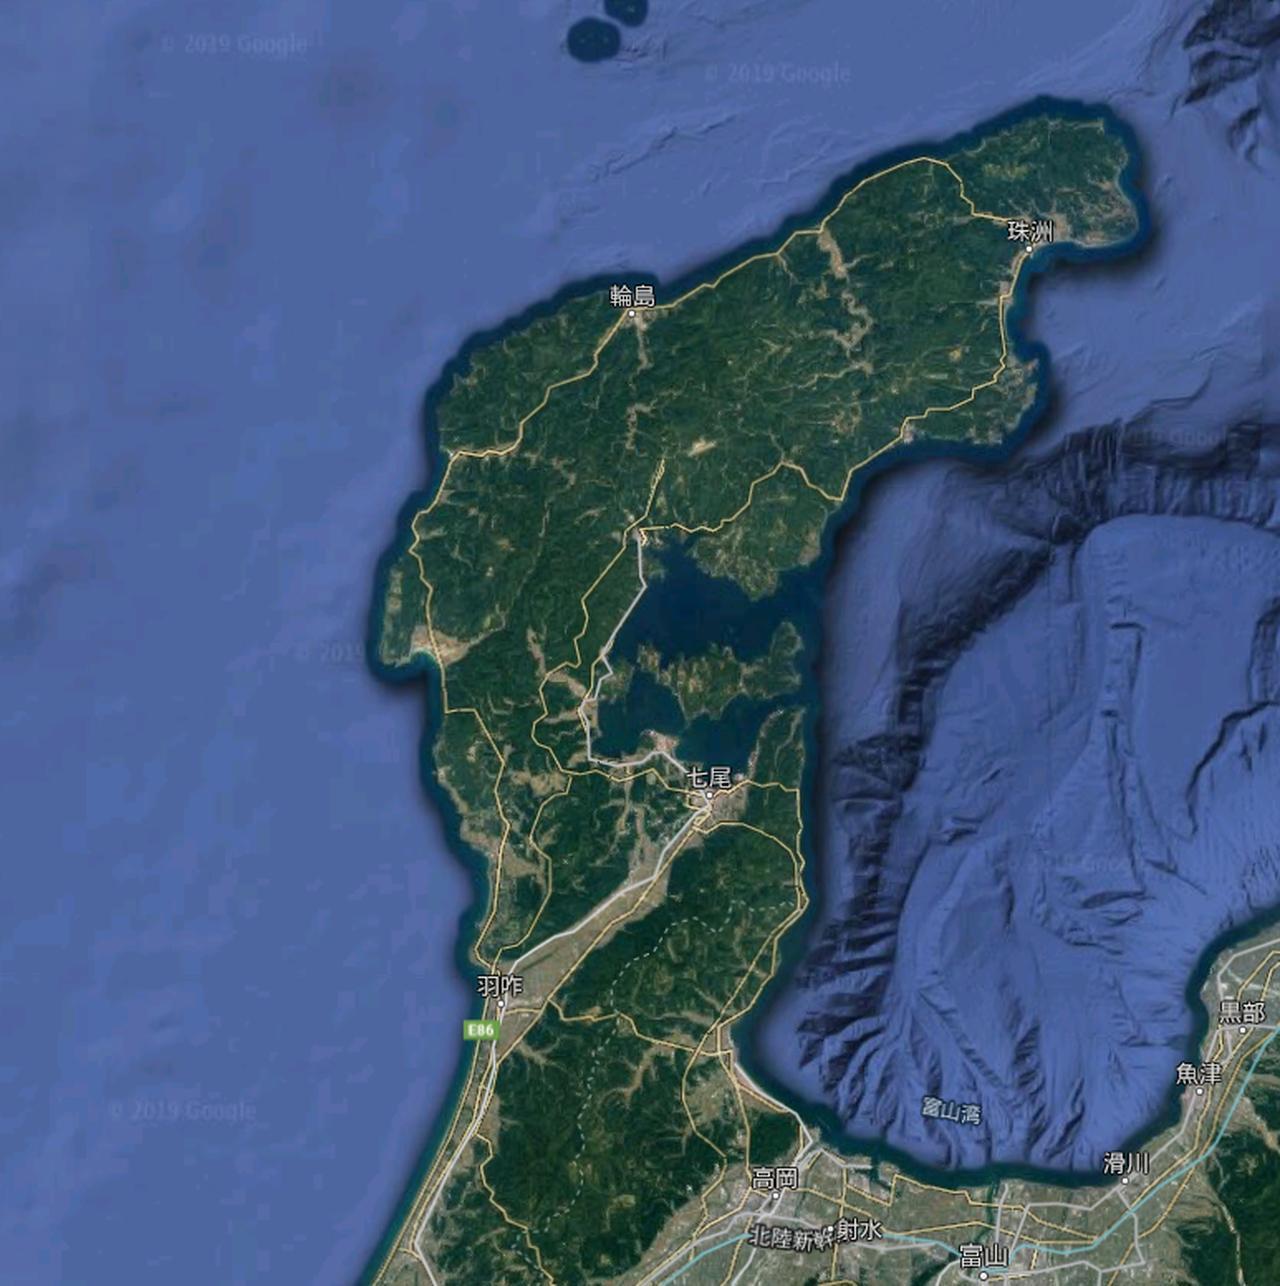 画像: ほぼ全域が「緑」に覆われた能登半島。これだけ見ても、その自然の豊かさが想像できるハズ。©️2019 Google